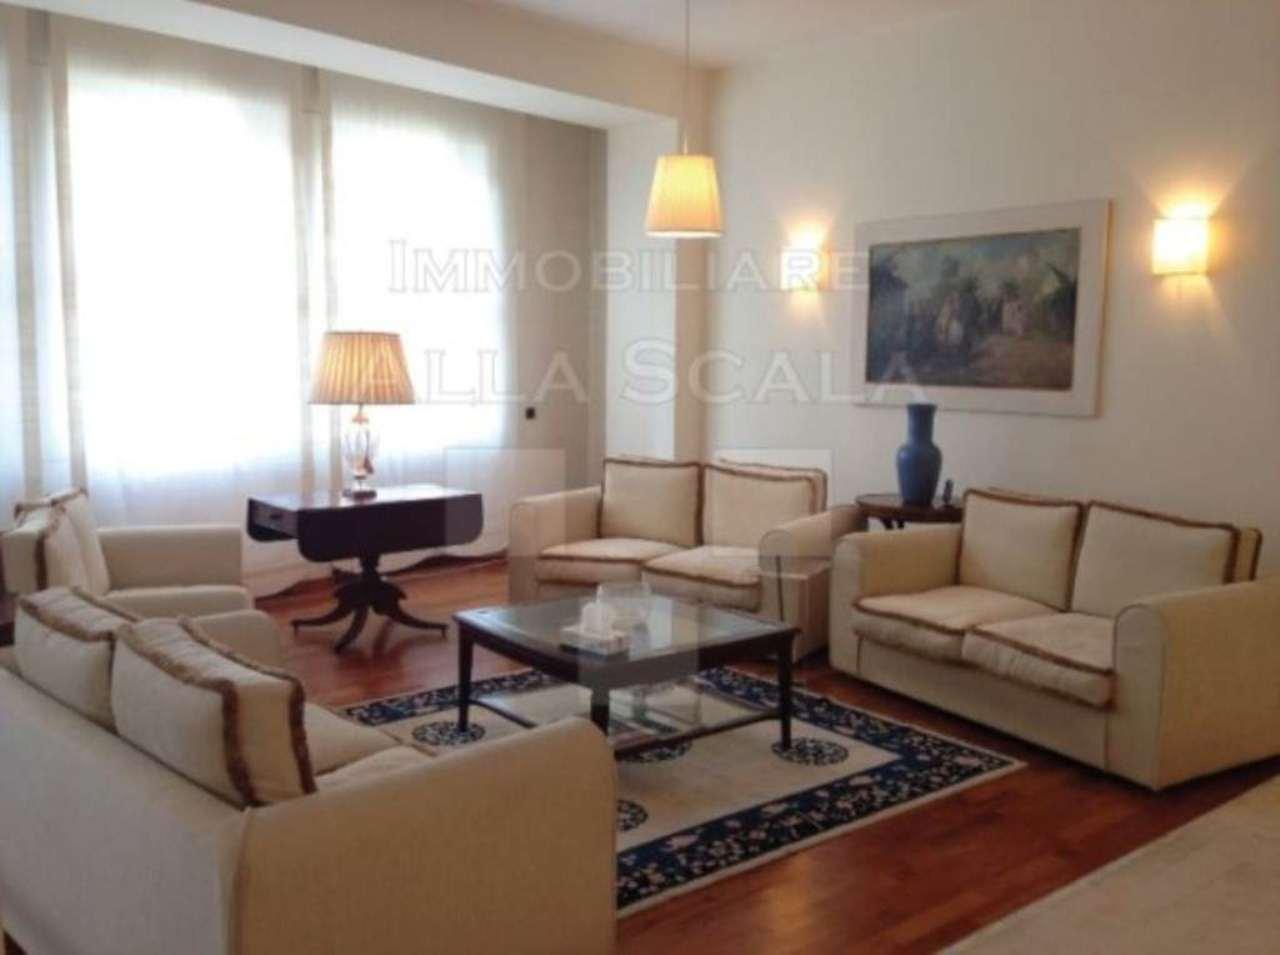 Appartamento in affitto a milano via uberto visconti di for Appartamento design affitto milano